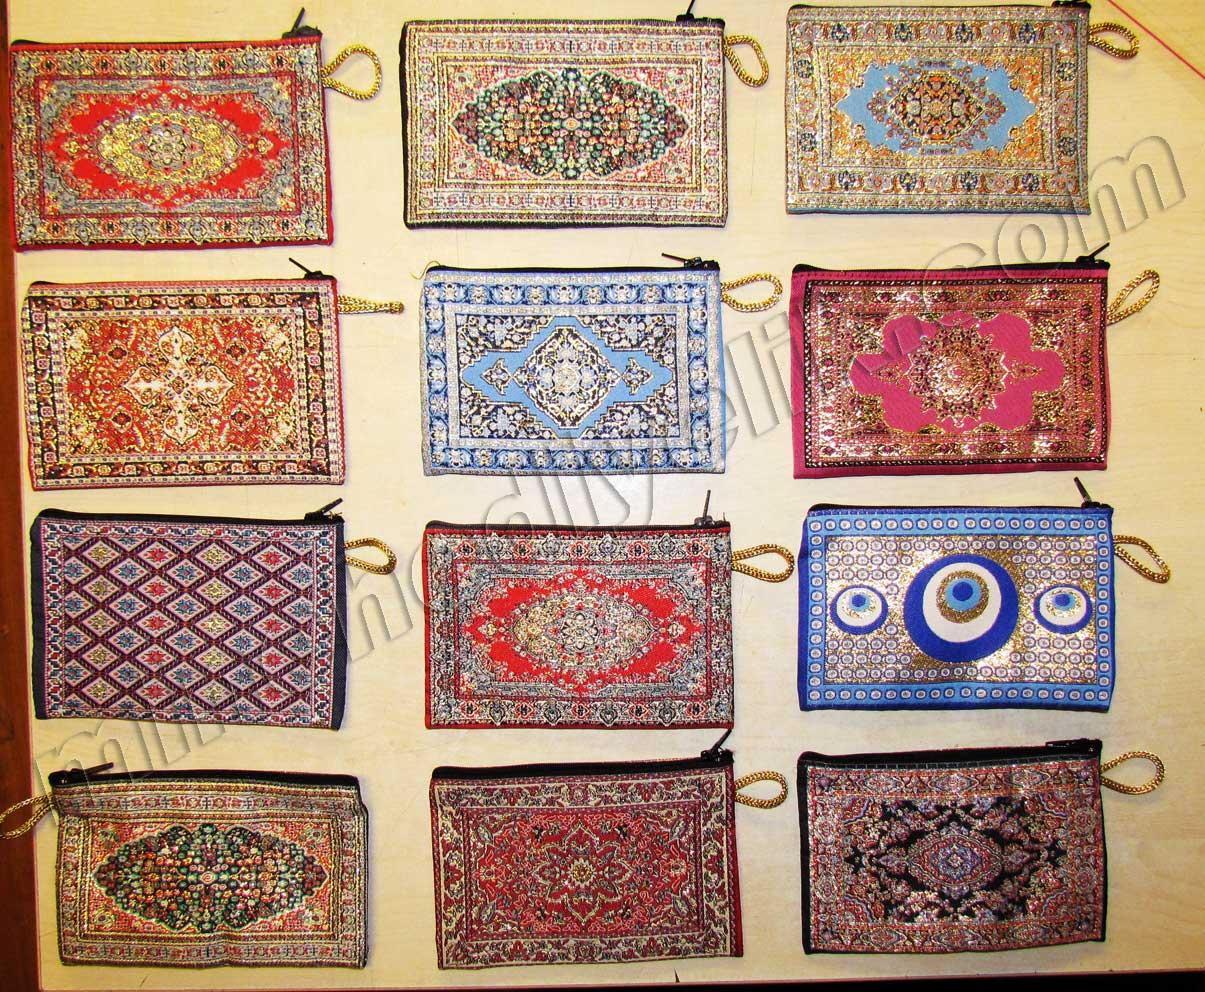 Hediyelik Halı Desenli Cüzdanlar Çantalar Ucuz uygun fiyatlı geleneksel hediyeler Kurumsal Hediyeler Geleneksel Hediyelik Eşyalar Ucuz Promosyon Ürünleri